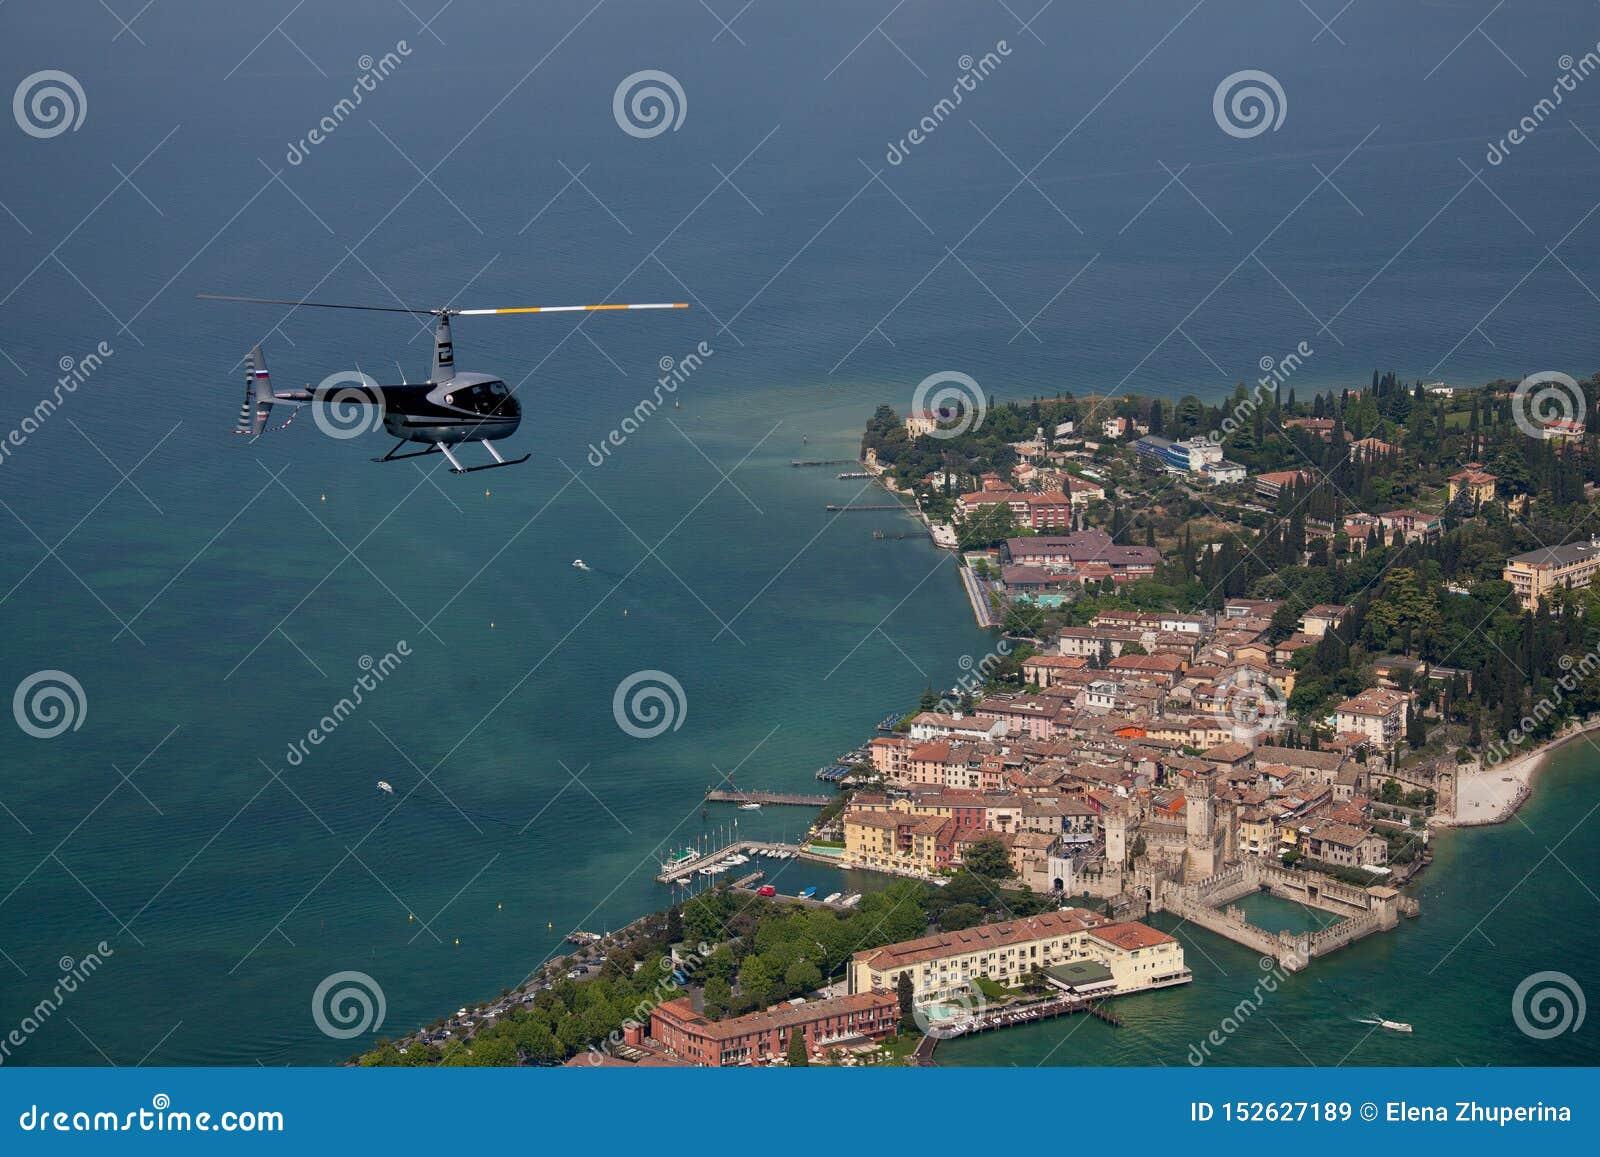 Μπλε ελικόπτερο πέρα από ένα μικρό ιταλικό νησί στη Μεσόγειο